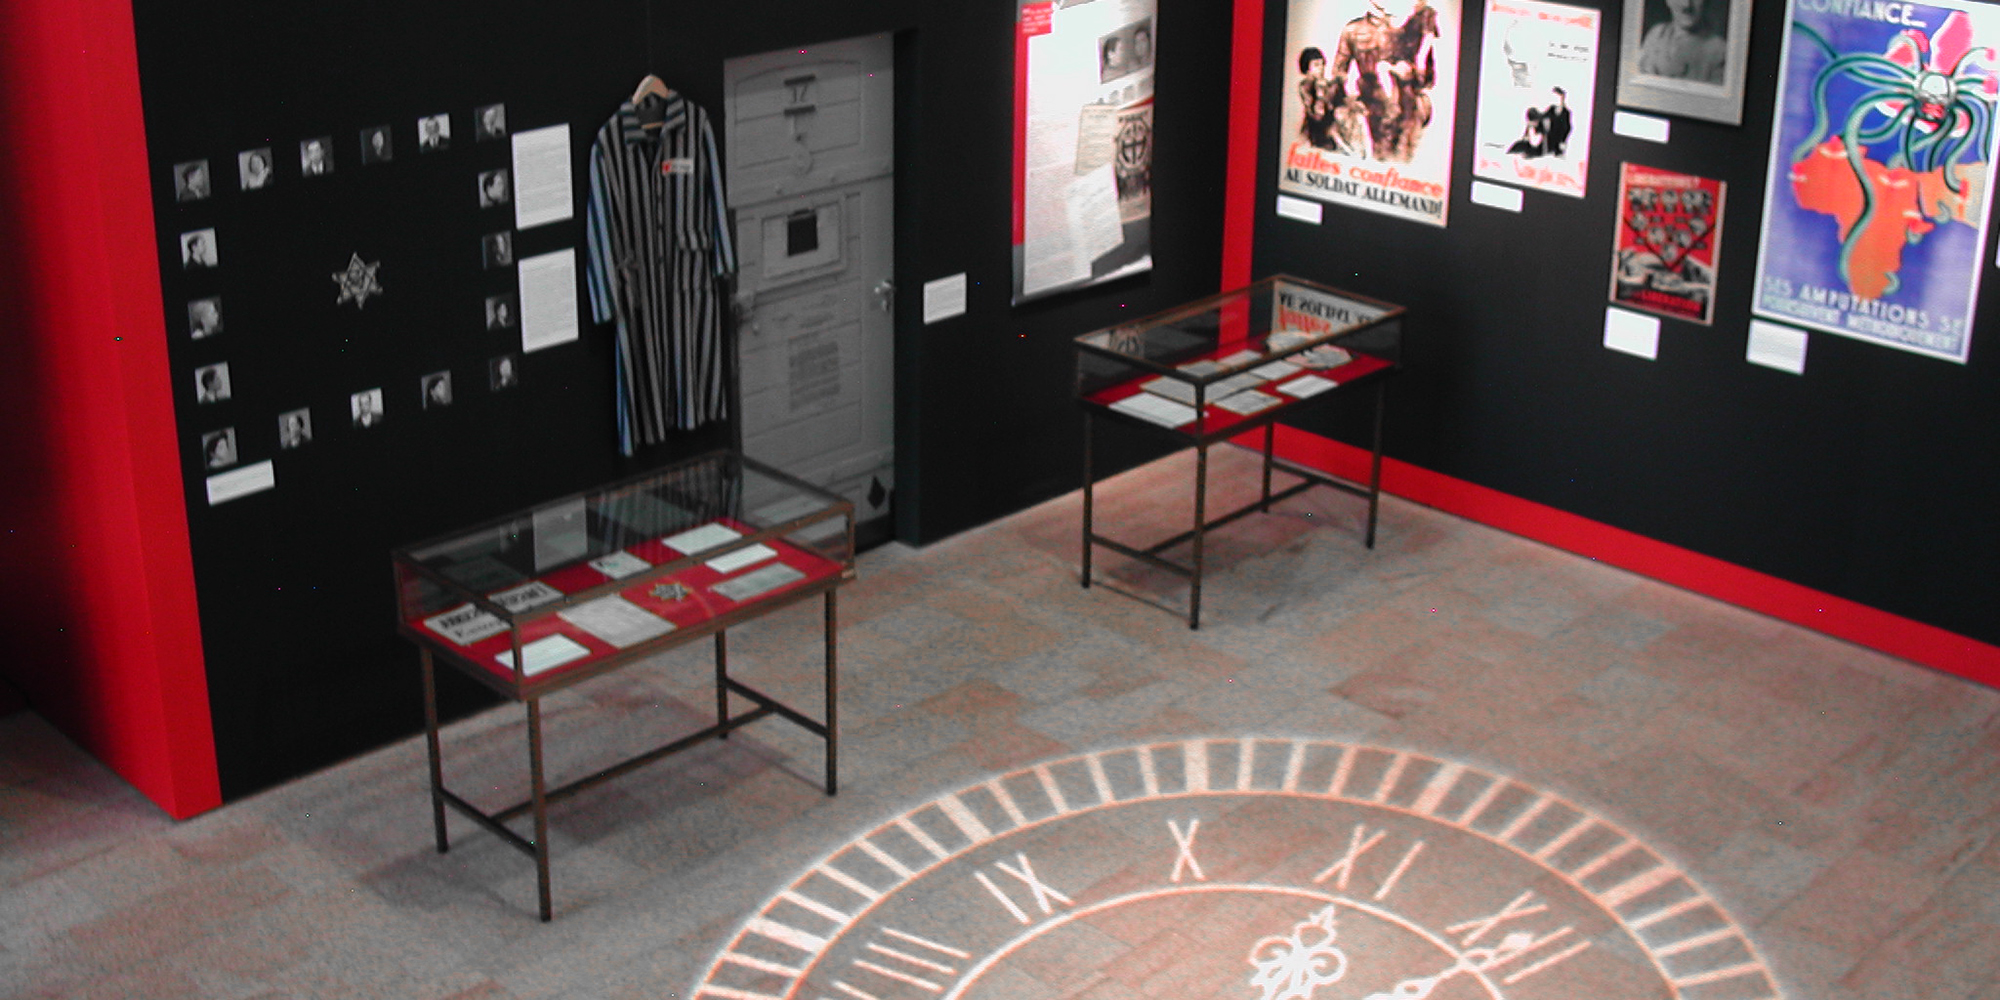 décor et scénographie d'exposition avec effets de projection de découpe gobos lumière